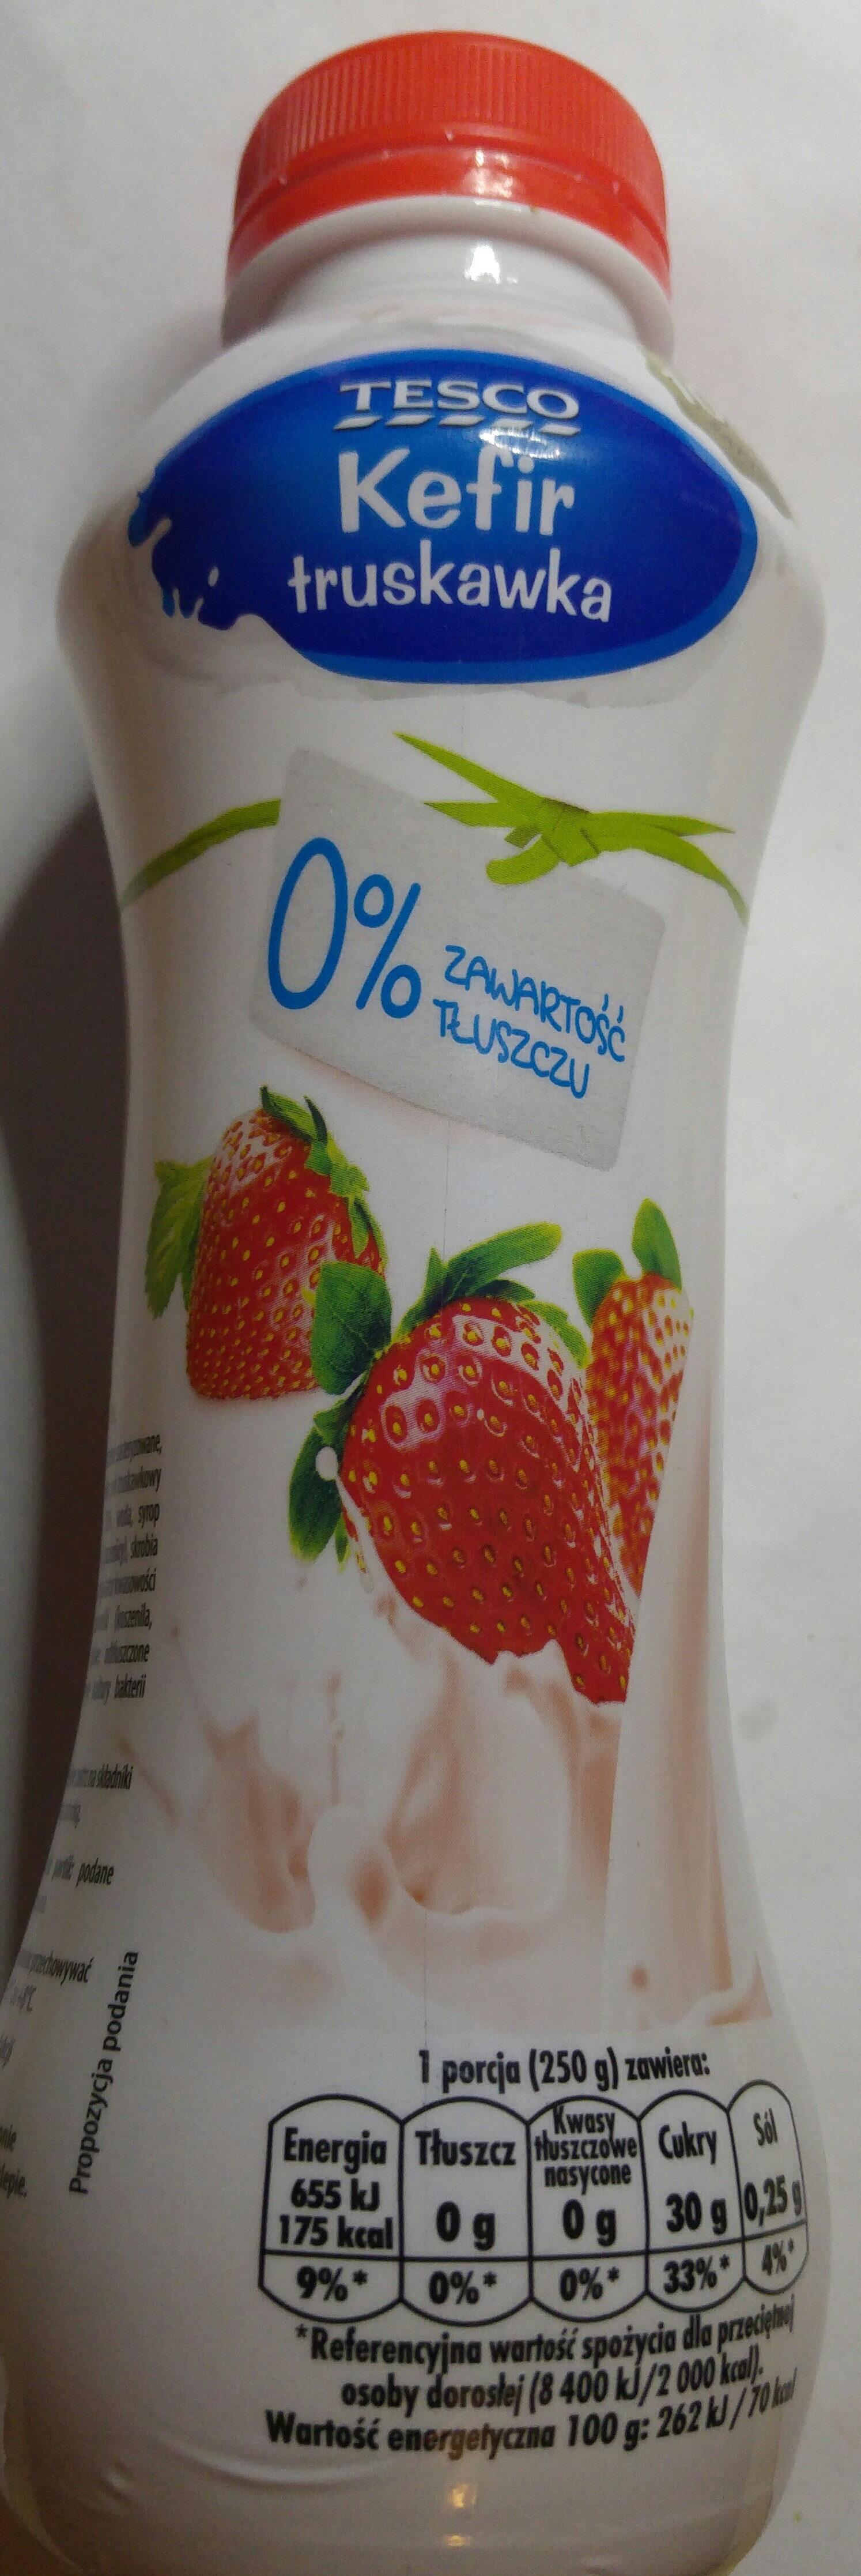 Kefir truskawkowy 0% - Produkt